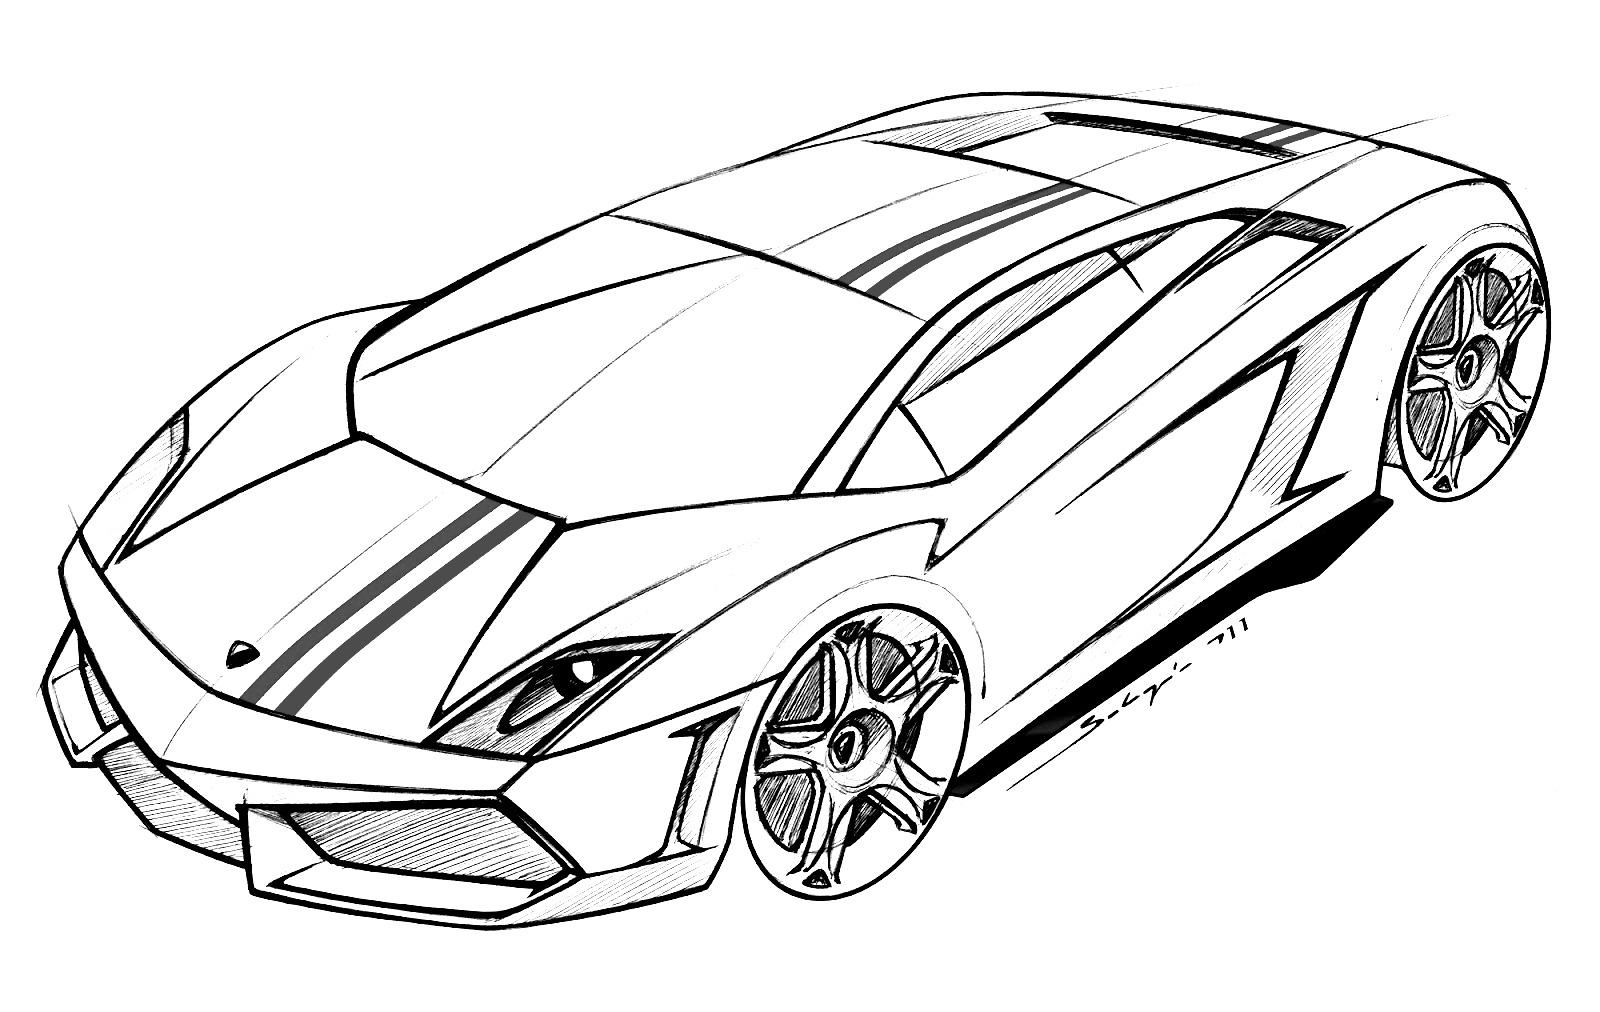 Ausmalbilder Lamborghini - Drucken Sie für Kinder